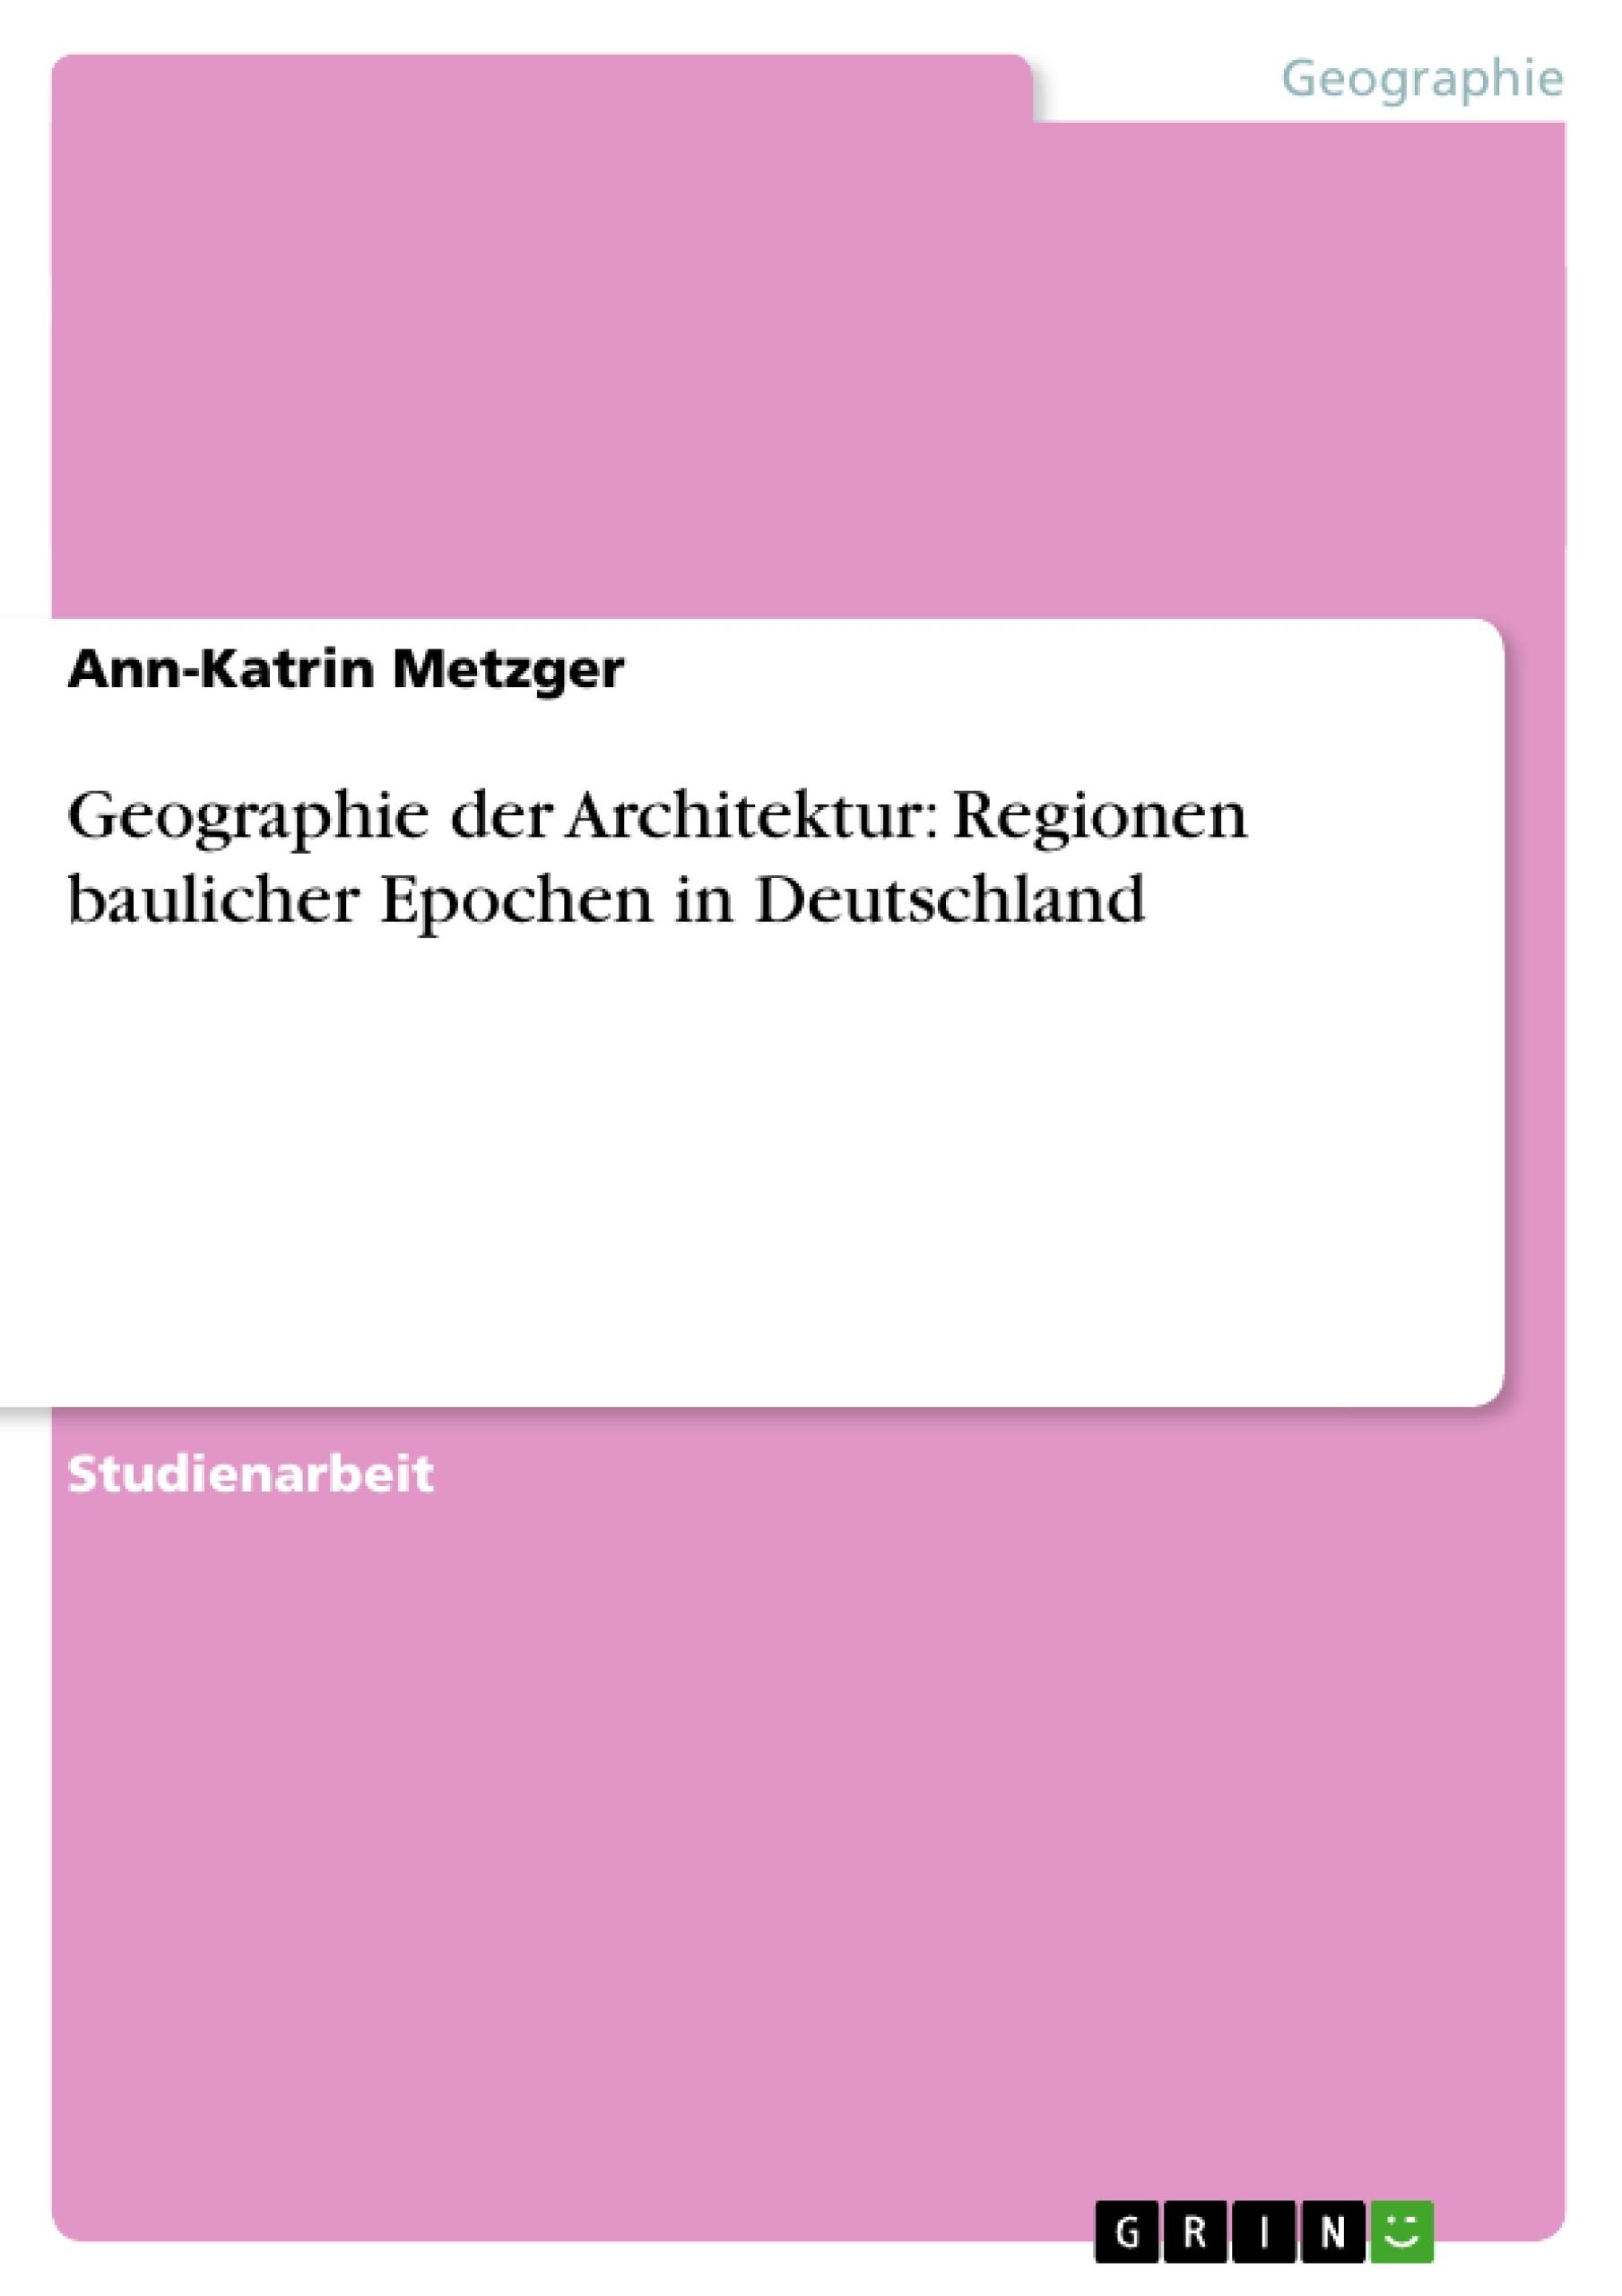 Titel: Geographie der Architektur: Regionen baulicher Epochen in Deutschland